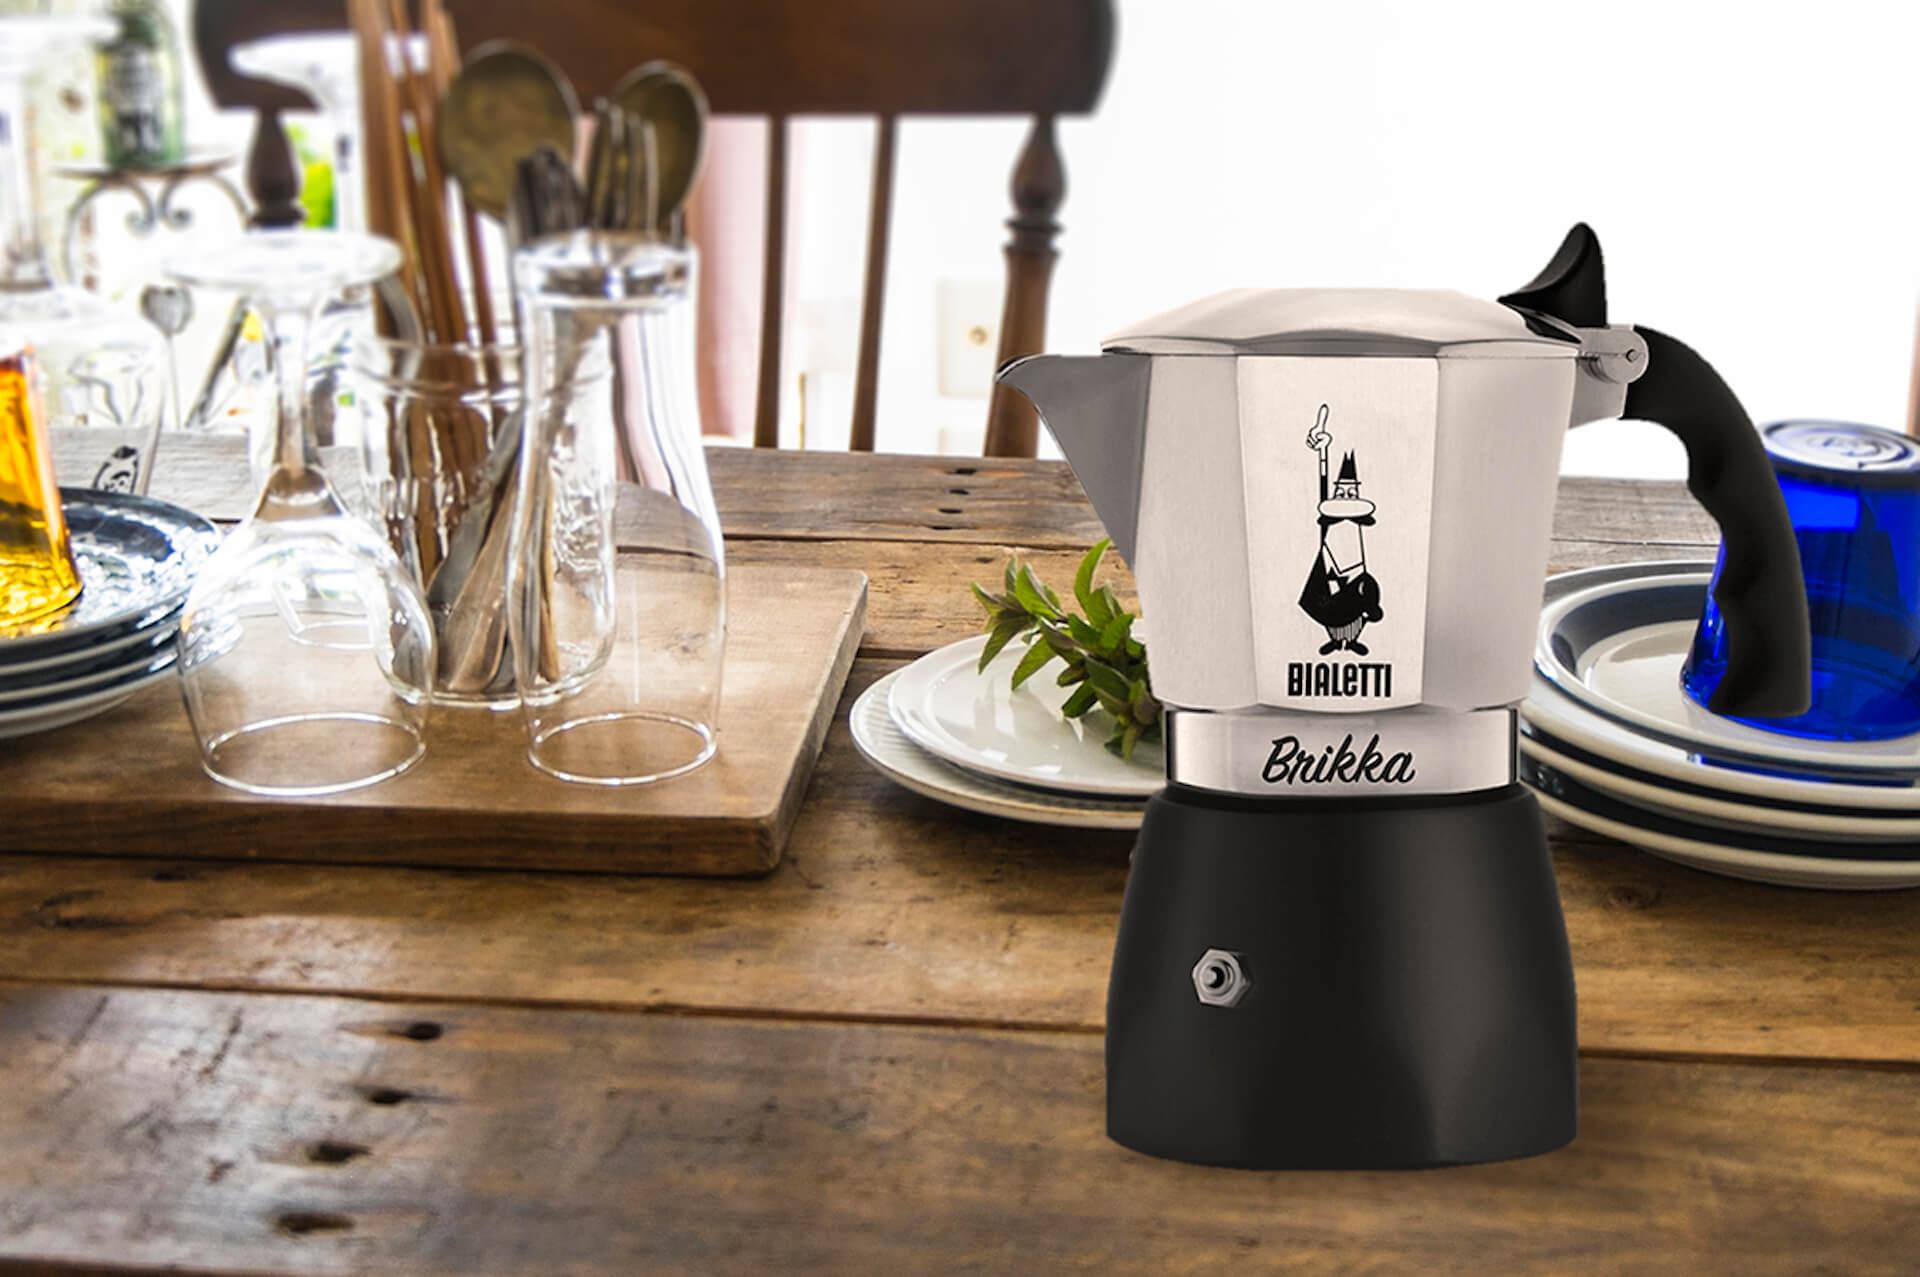 【2021年・コーヒーギア特集】アウトドア&自宅で極上のコーヒータイムを!機能的ギア&厳選コーヒー豆特集 gourmet210303_jeep_coffee_7_1